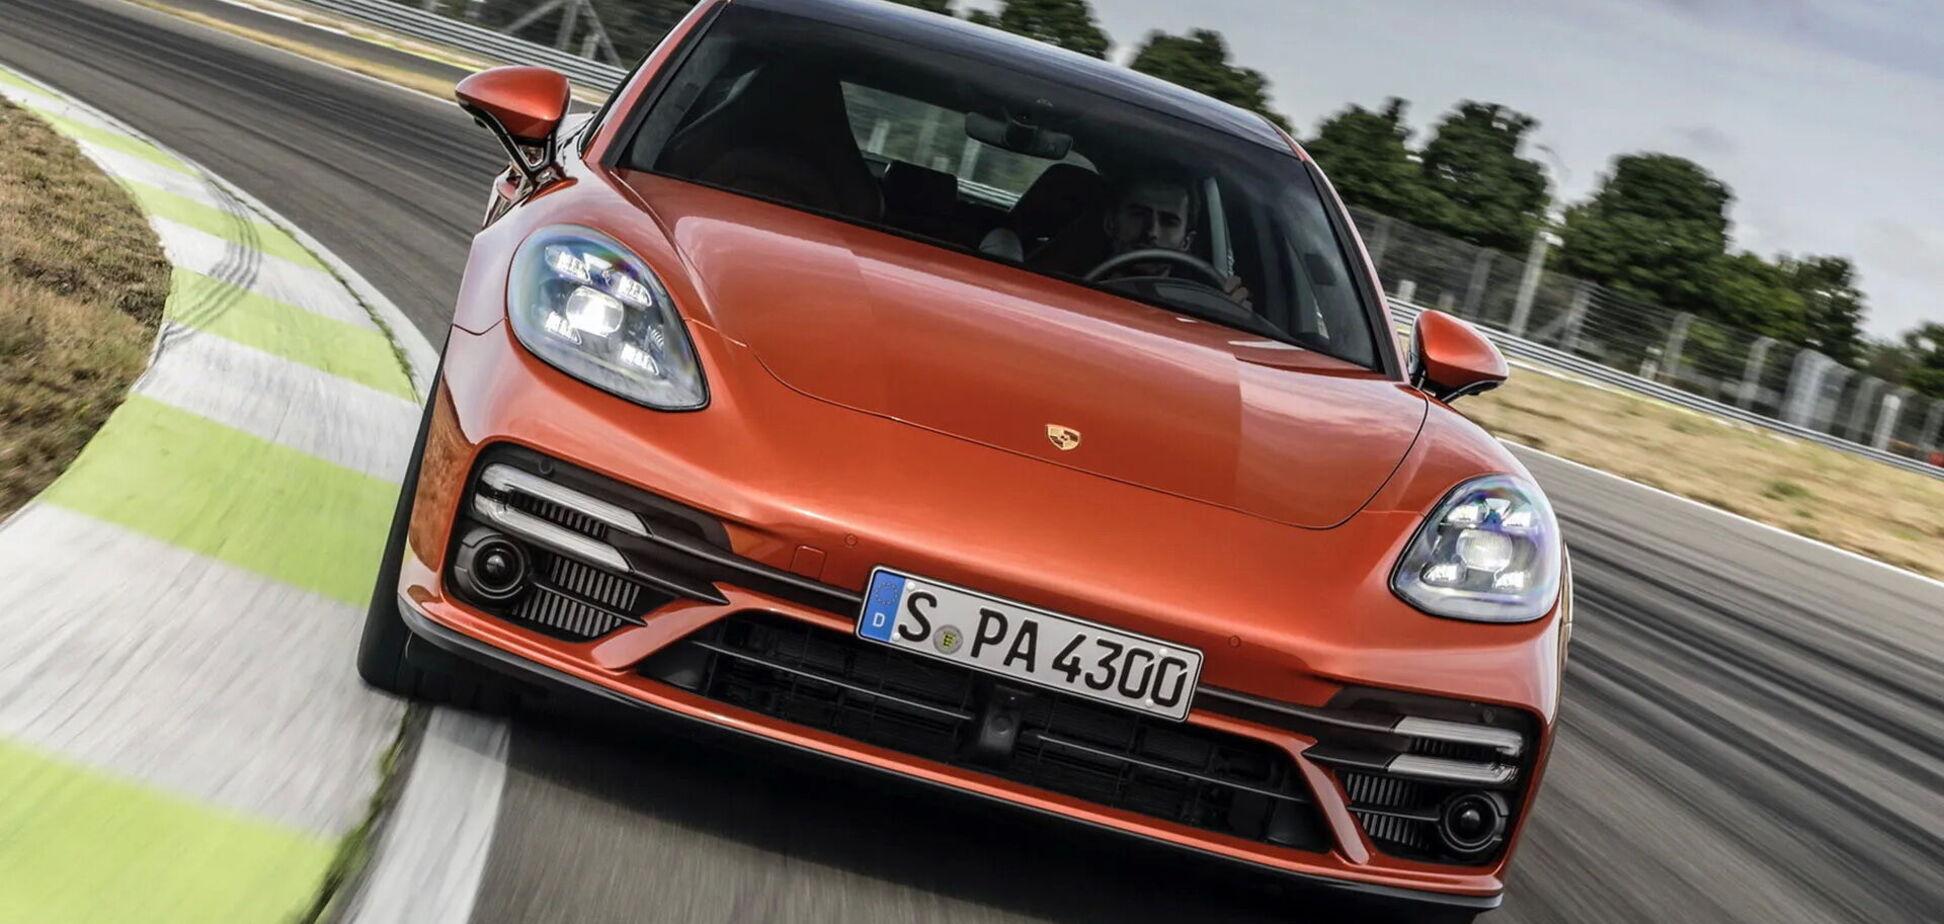 Porsche намерена использовать на моделях с ДВС метанол